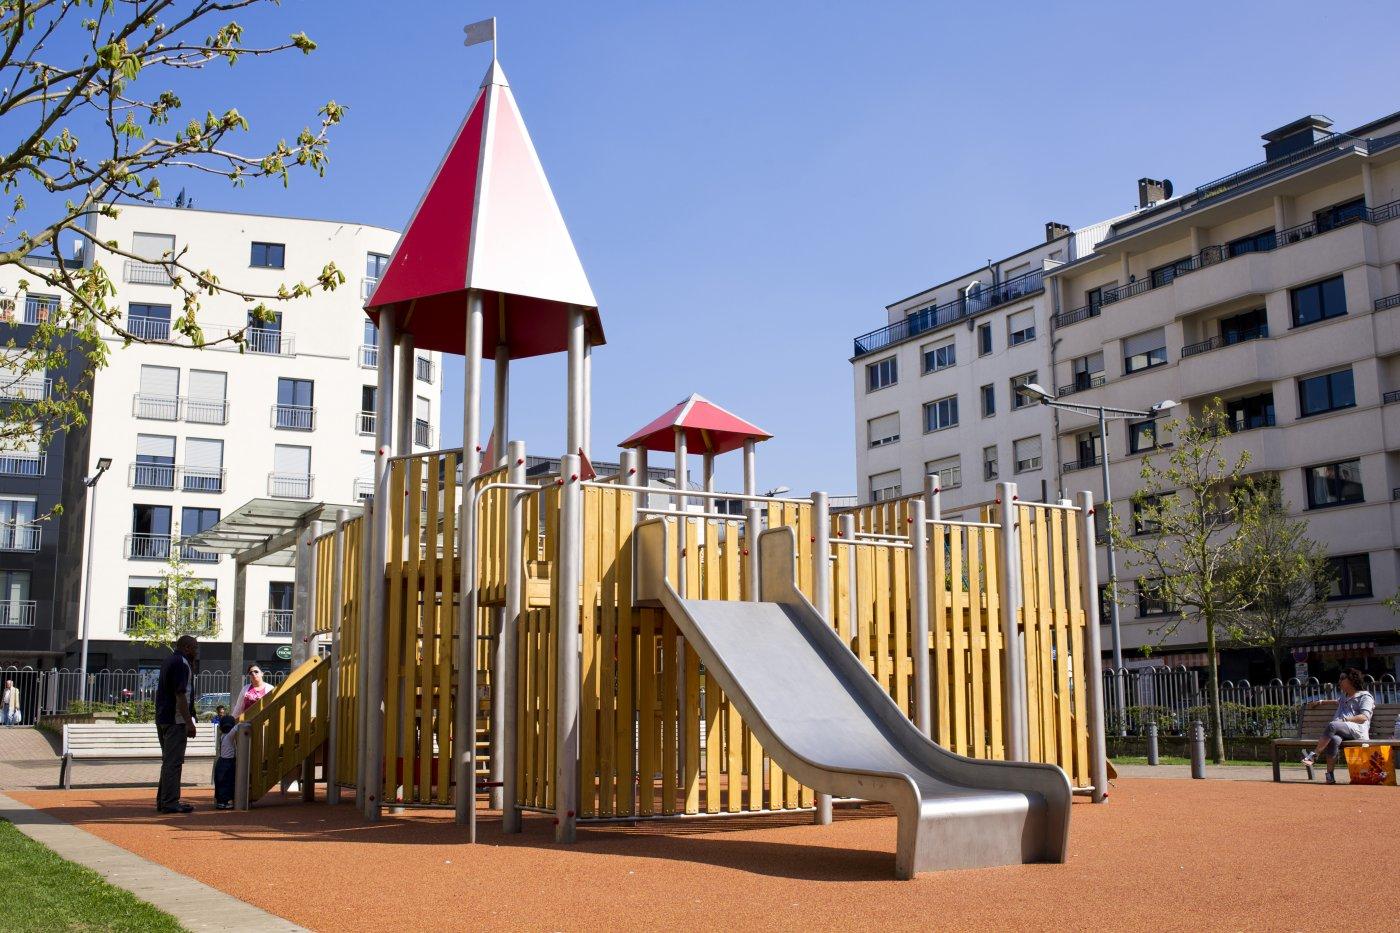 aires de jeux ville de luxembourg. Black Bedroom Furniture Sets. Home Design Ideas